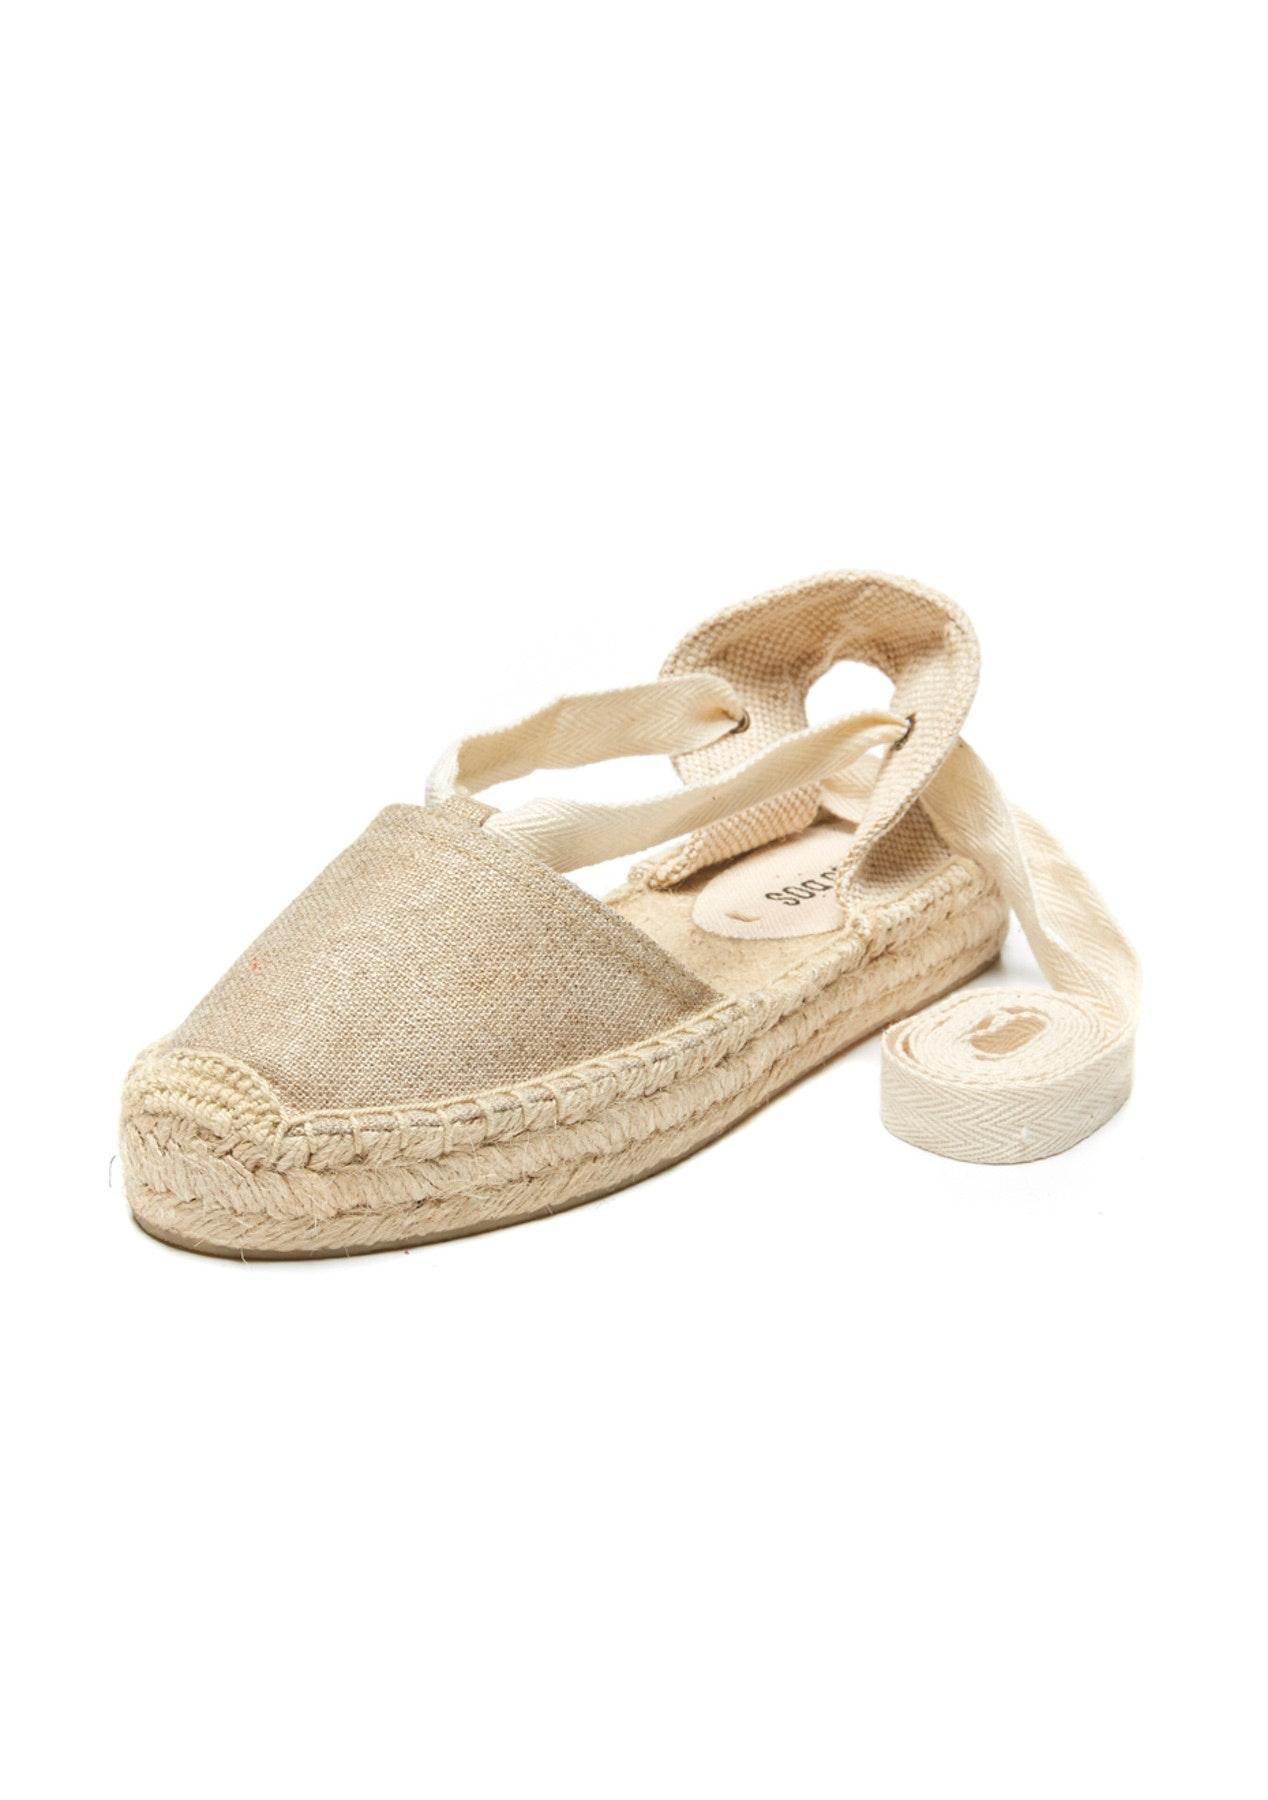 Soludos - Platform Gladiator Sandal - Gold